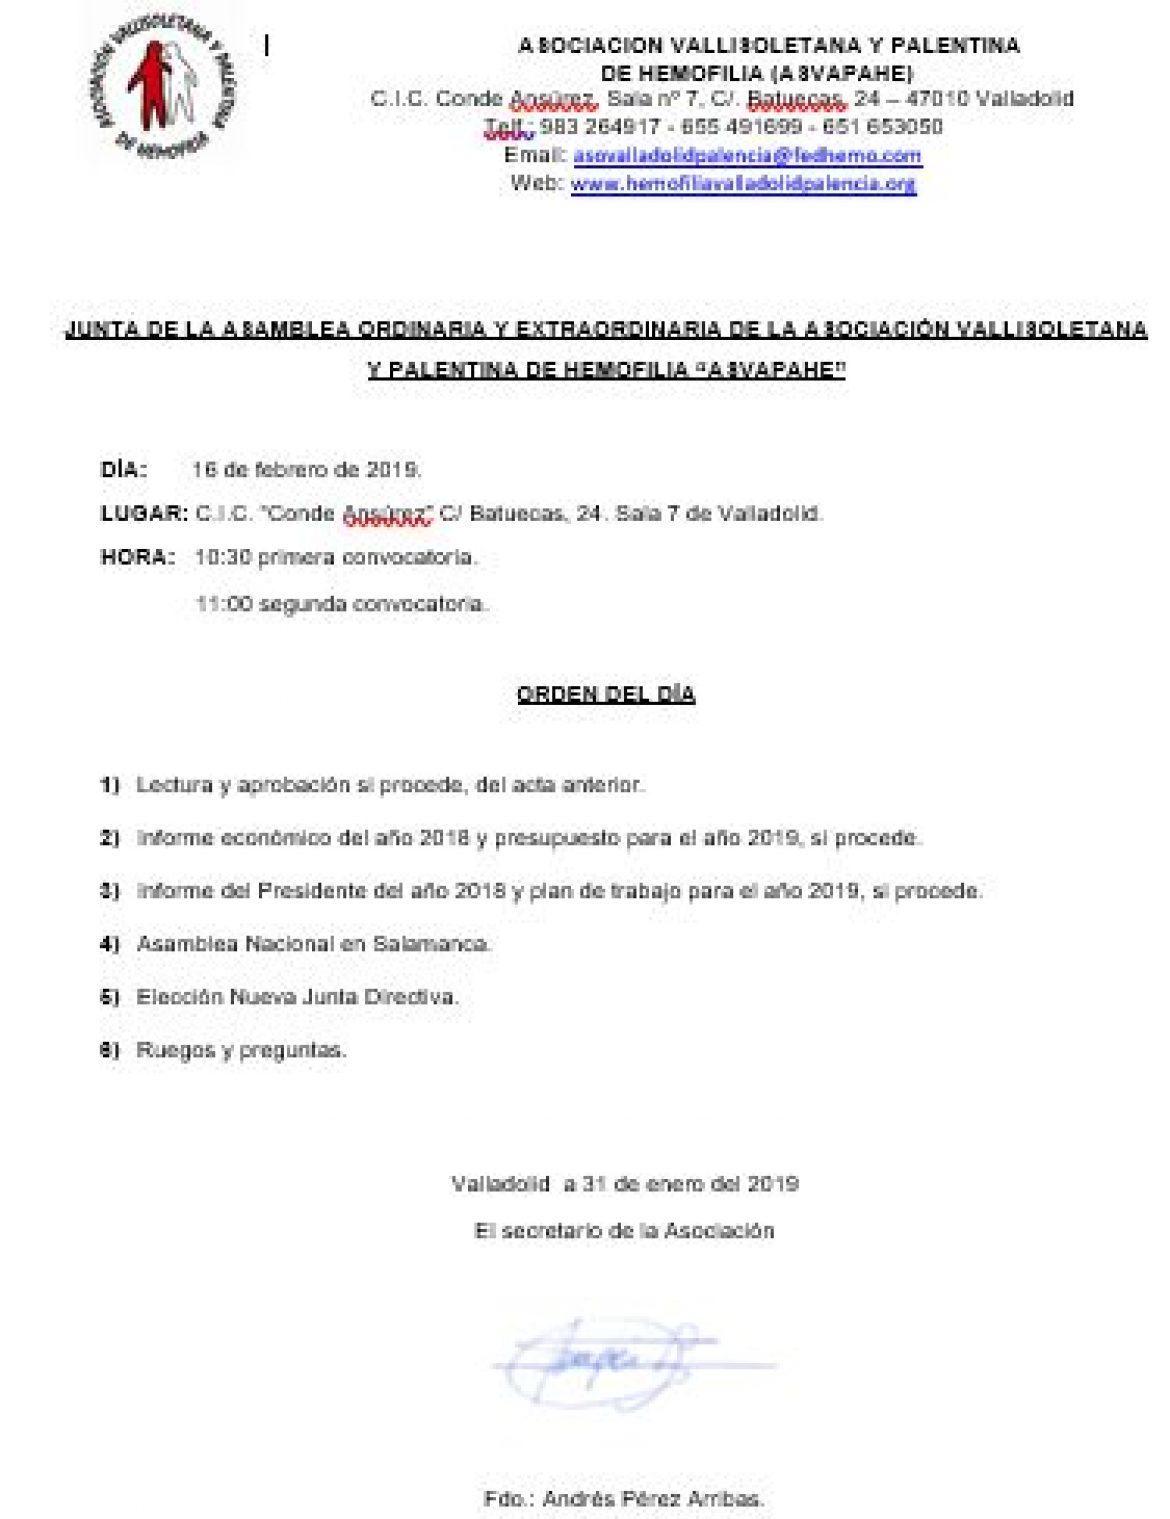 """JUNTA DE LA ASAMBLEA ORDINARIA Y EXTRAORDINARIA DE LA ASOCIACIÓN VALLISOLETANA Y PALENTINA DE HEMOFILIA """"ASVAPAHE"""""""